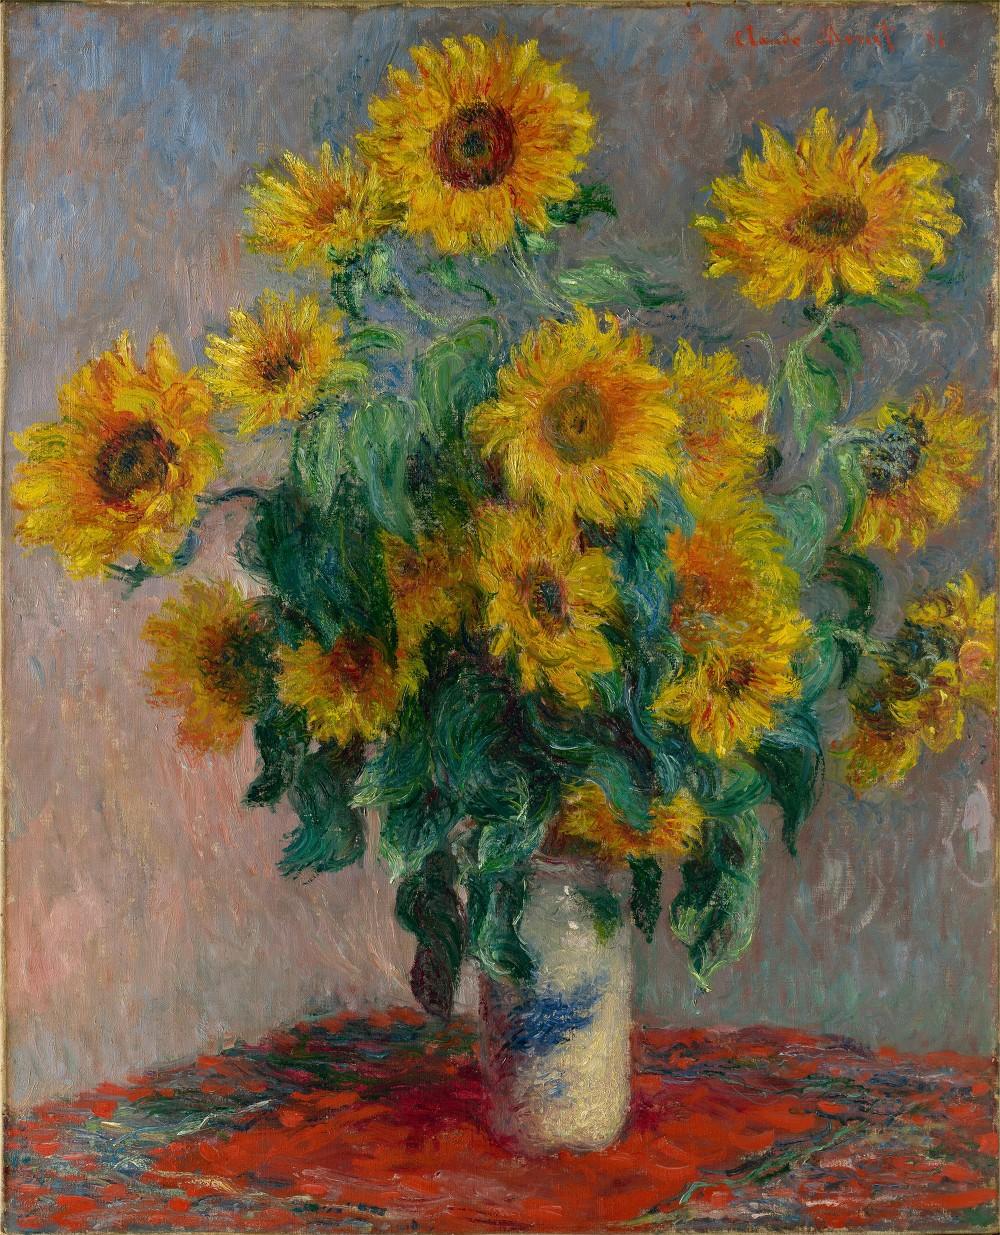 유명 화가들의 예술작품에서 추출하는 어울리는 색조합 사이트 Color Lisa_모네_해바라기가 있는 정물_Claude Monet_Bouquet of Sunflowers